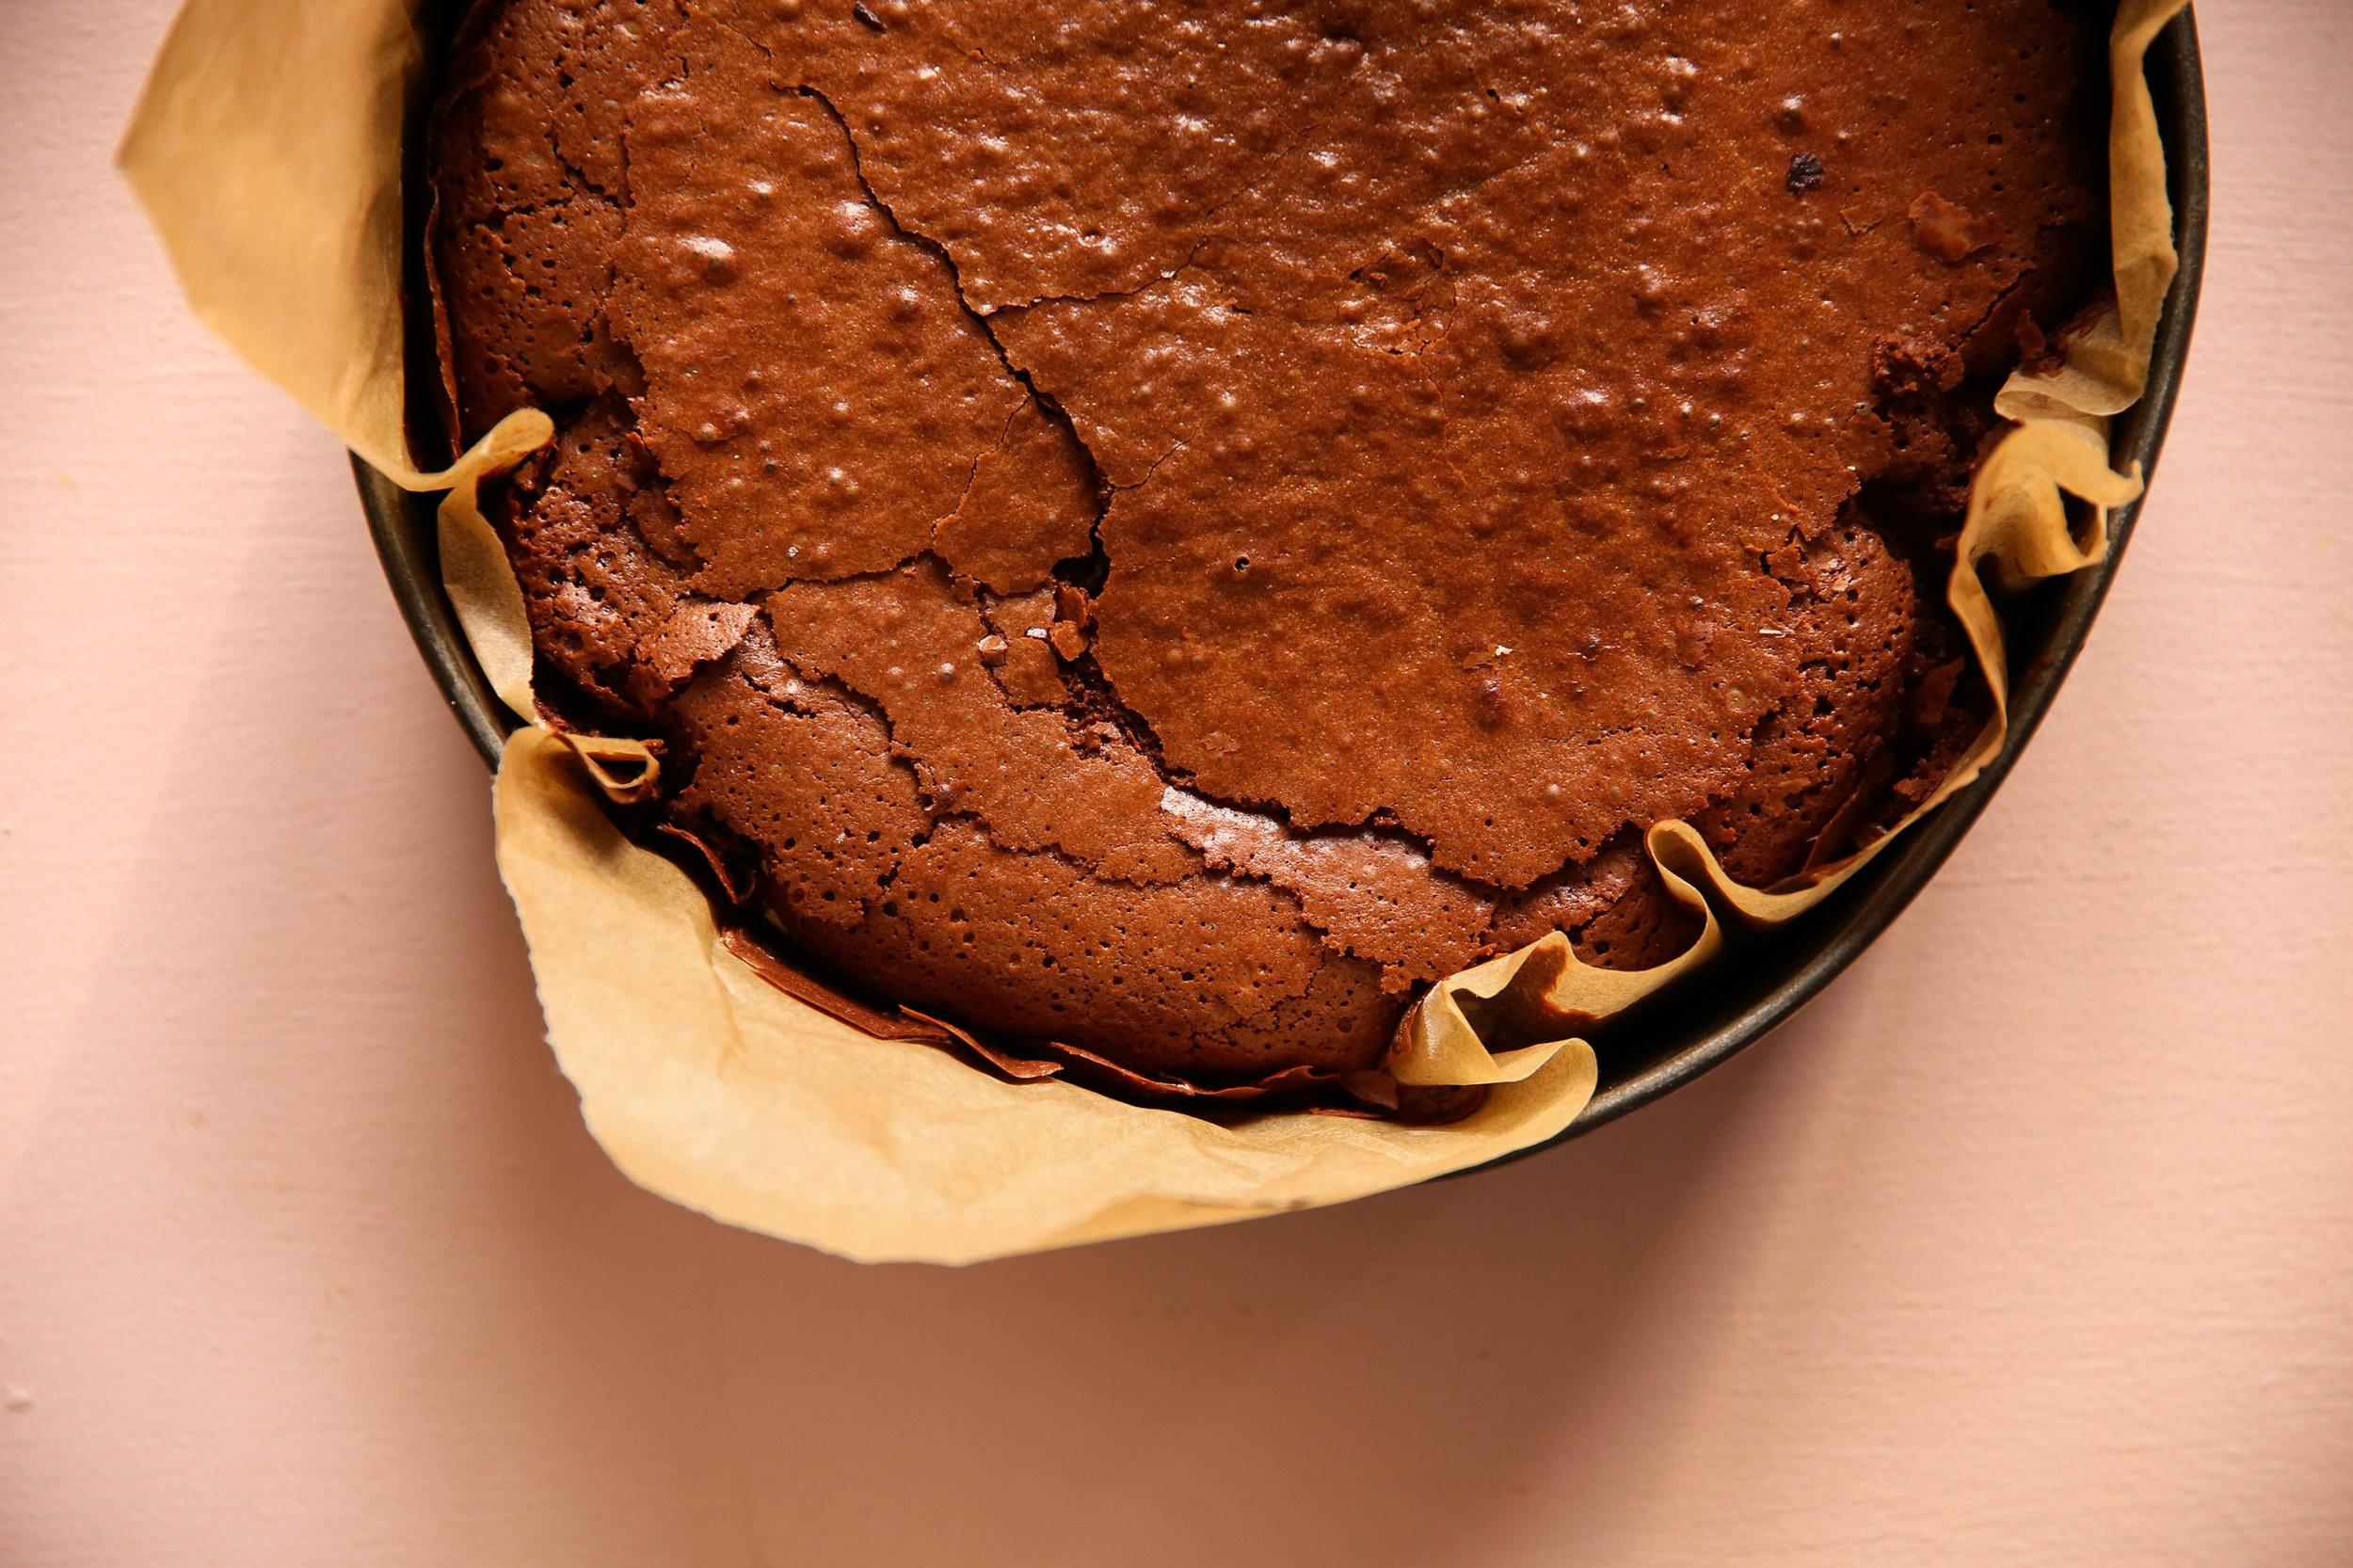 BRINS Cherry Chai Chocolate cake-0710.jpg